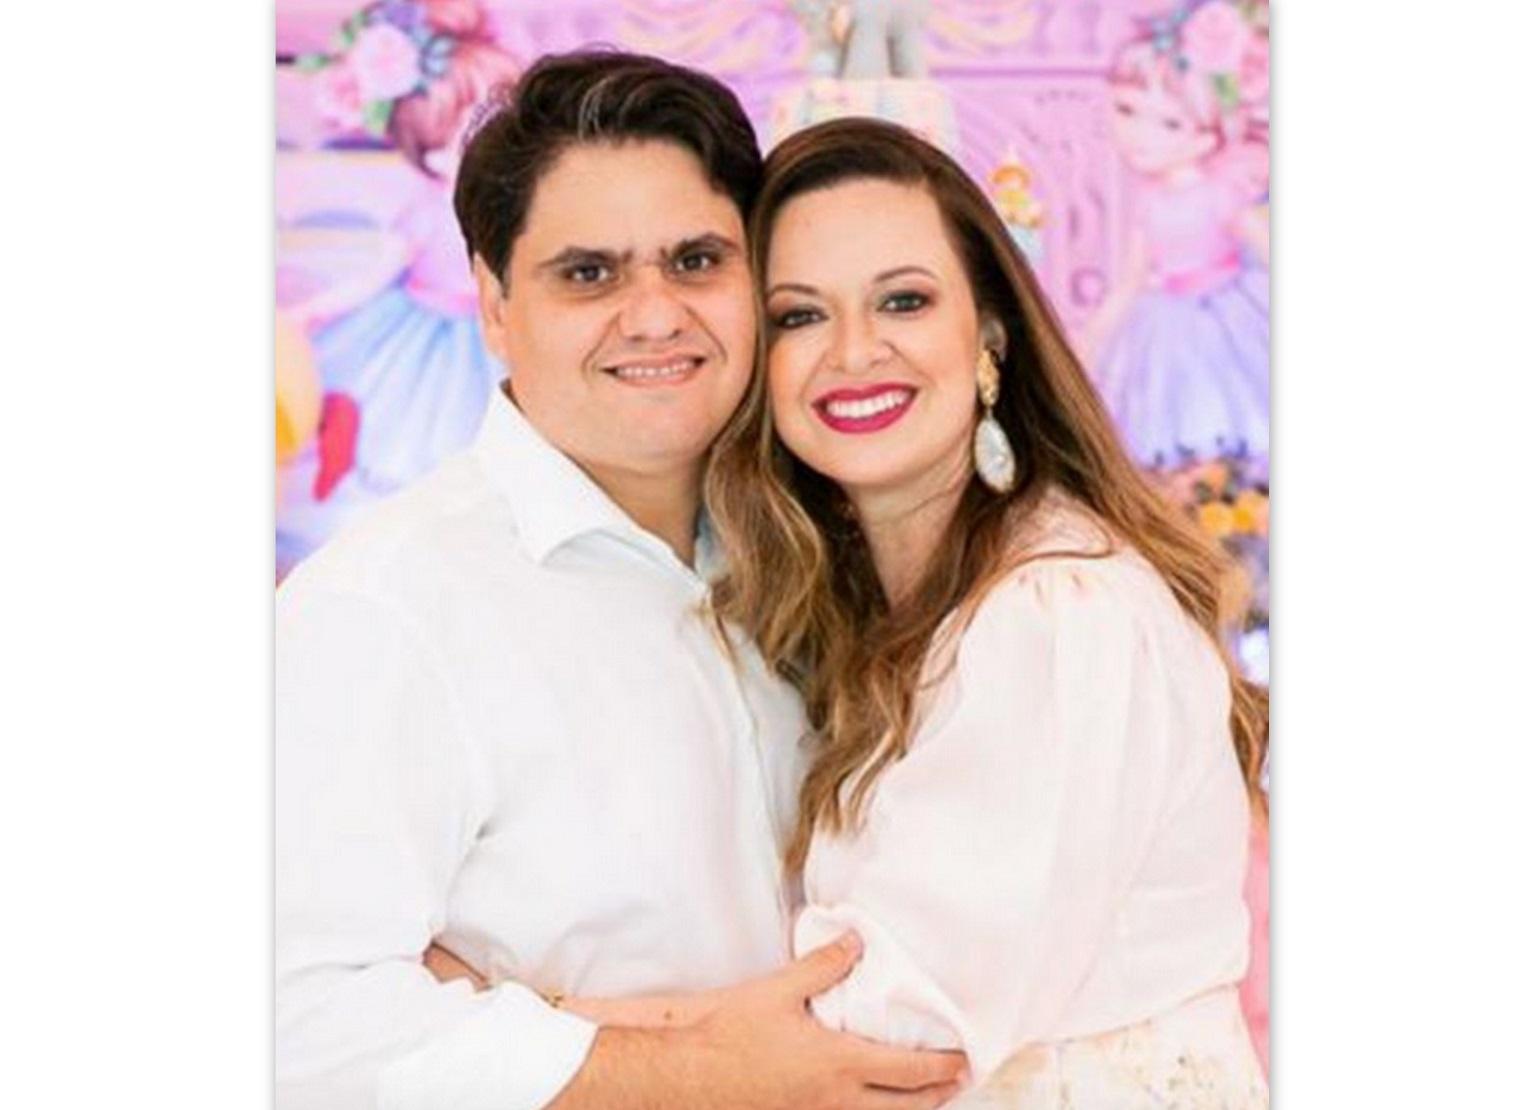 Bruno Adry e Isabela Suarez